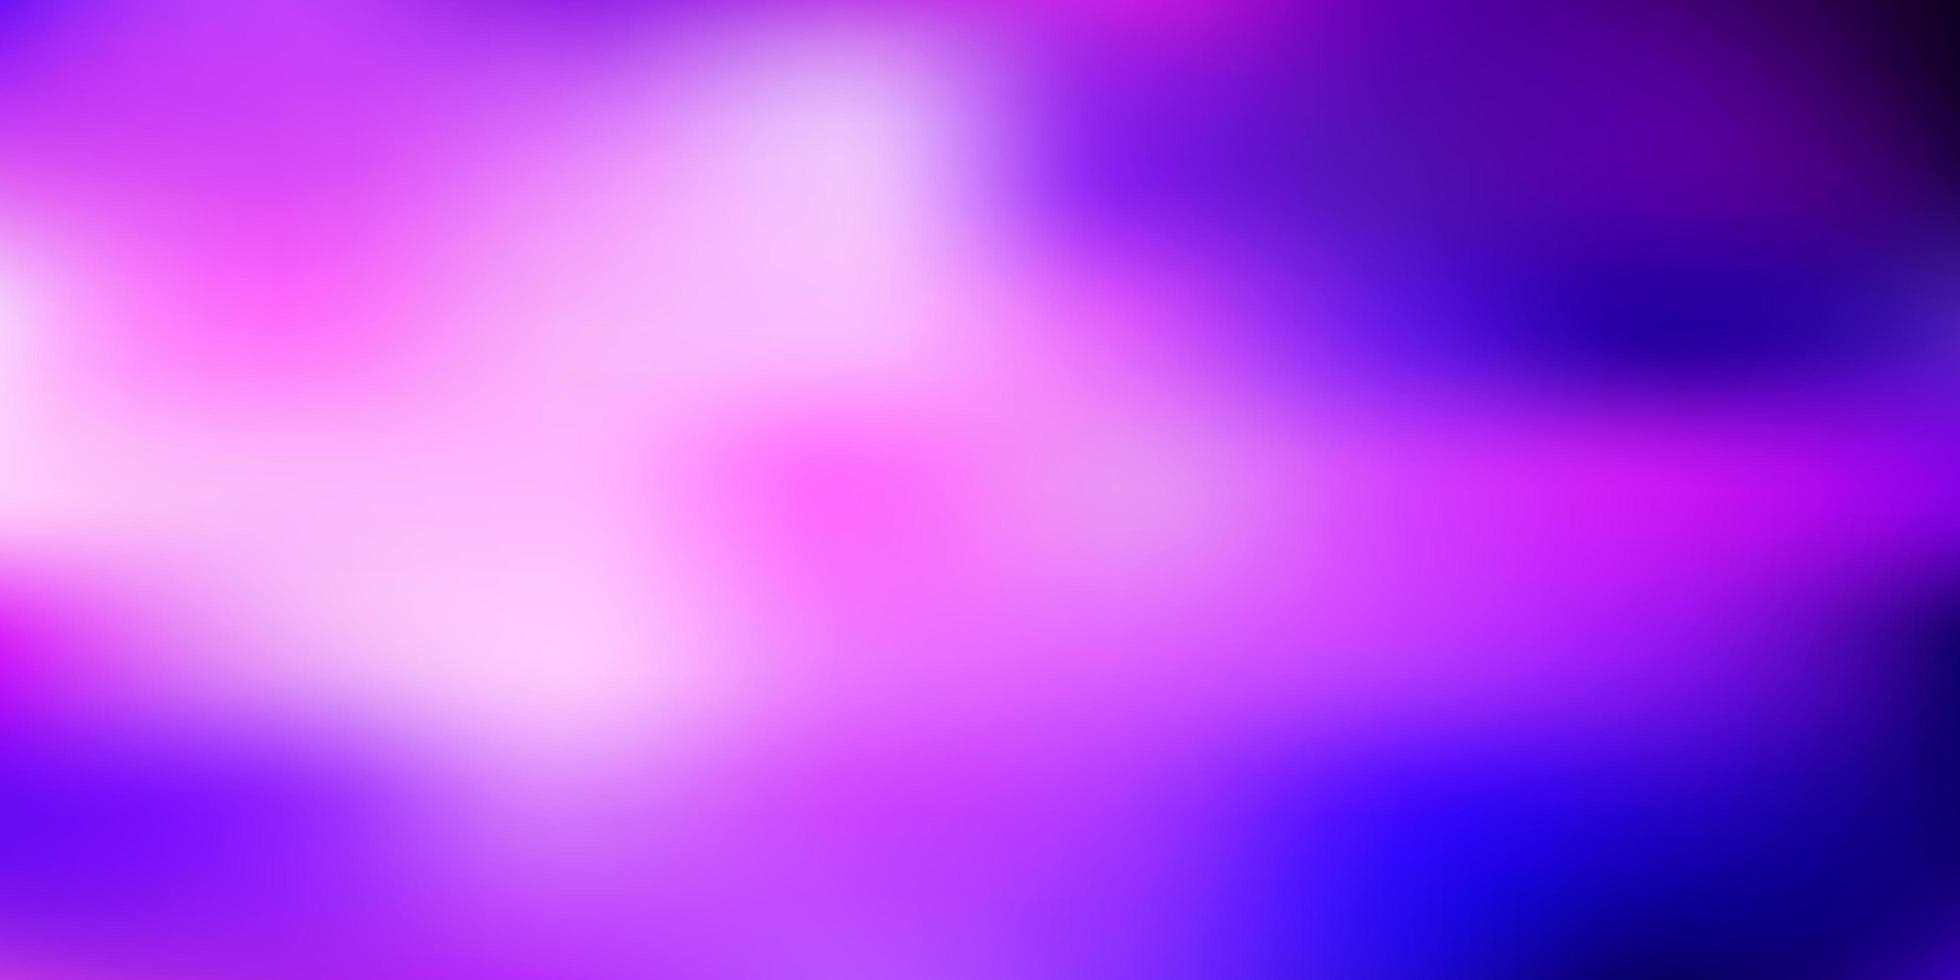 dunkelvioletter, rosa Vektor unscharfer Hintergrund.